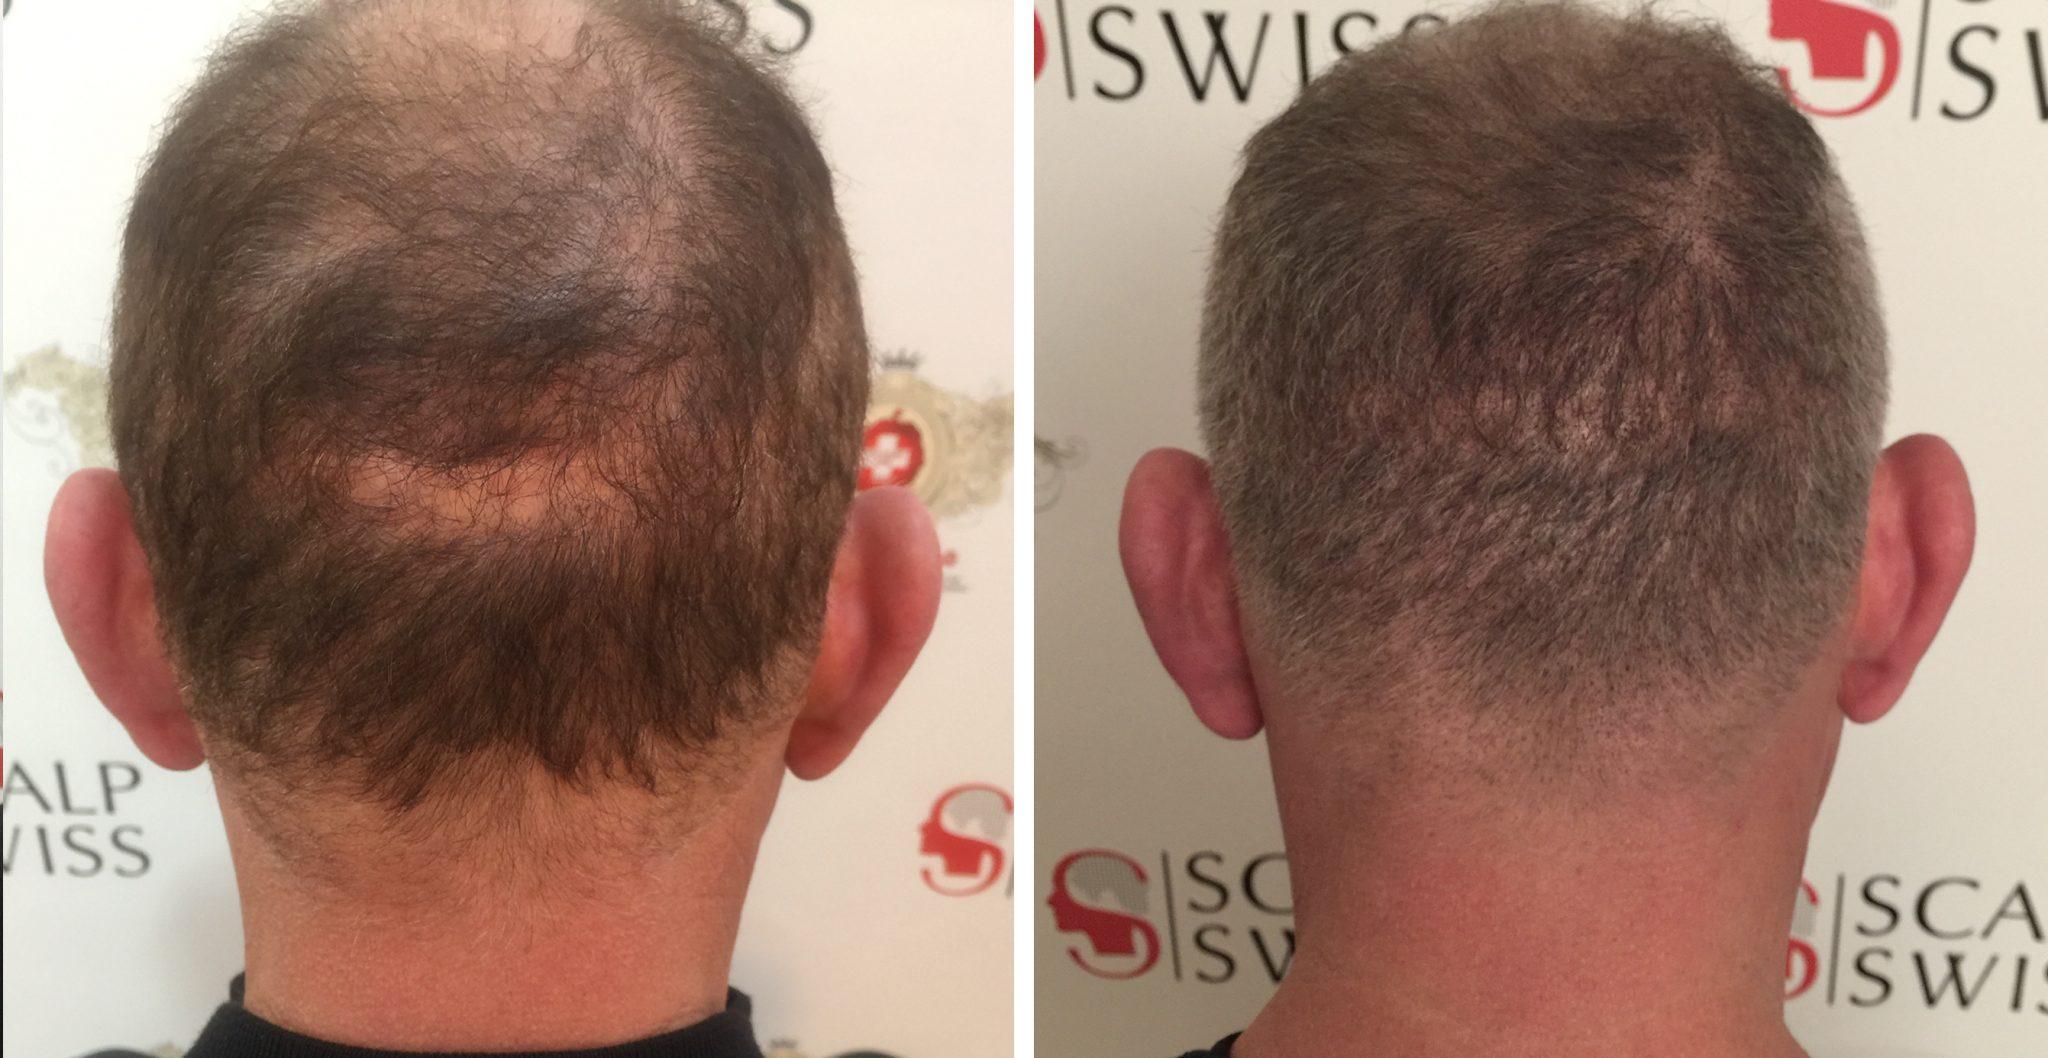 La Micropigmentation Capillaire Pour Une Transplantation De Cheveux